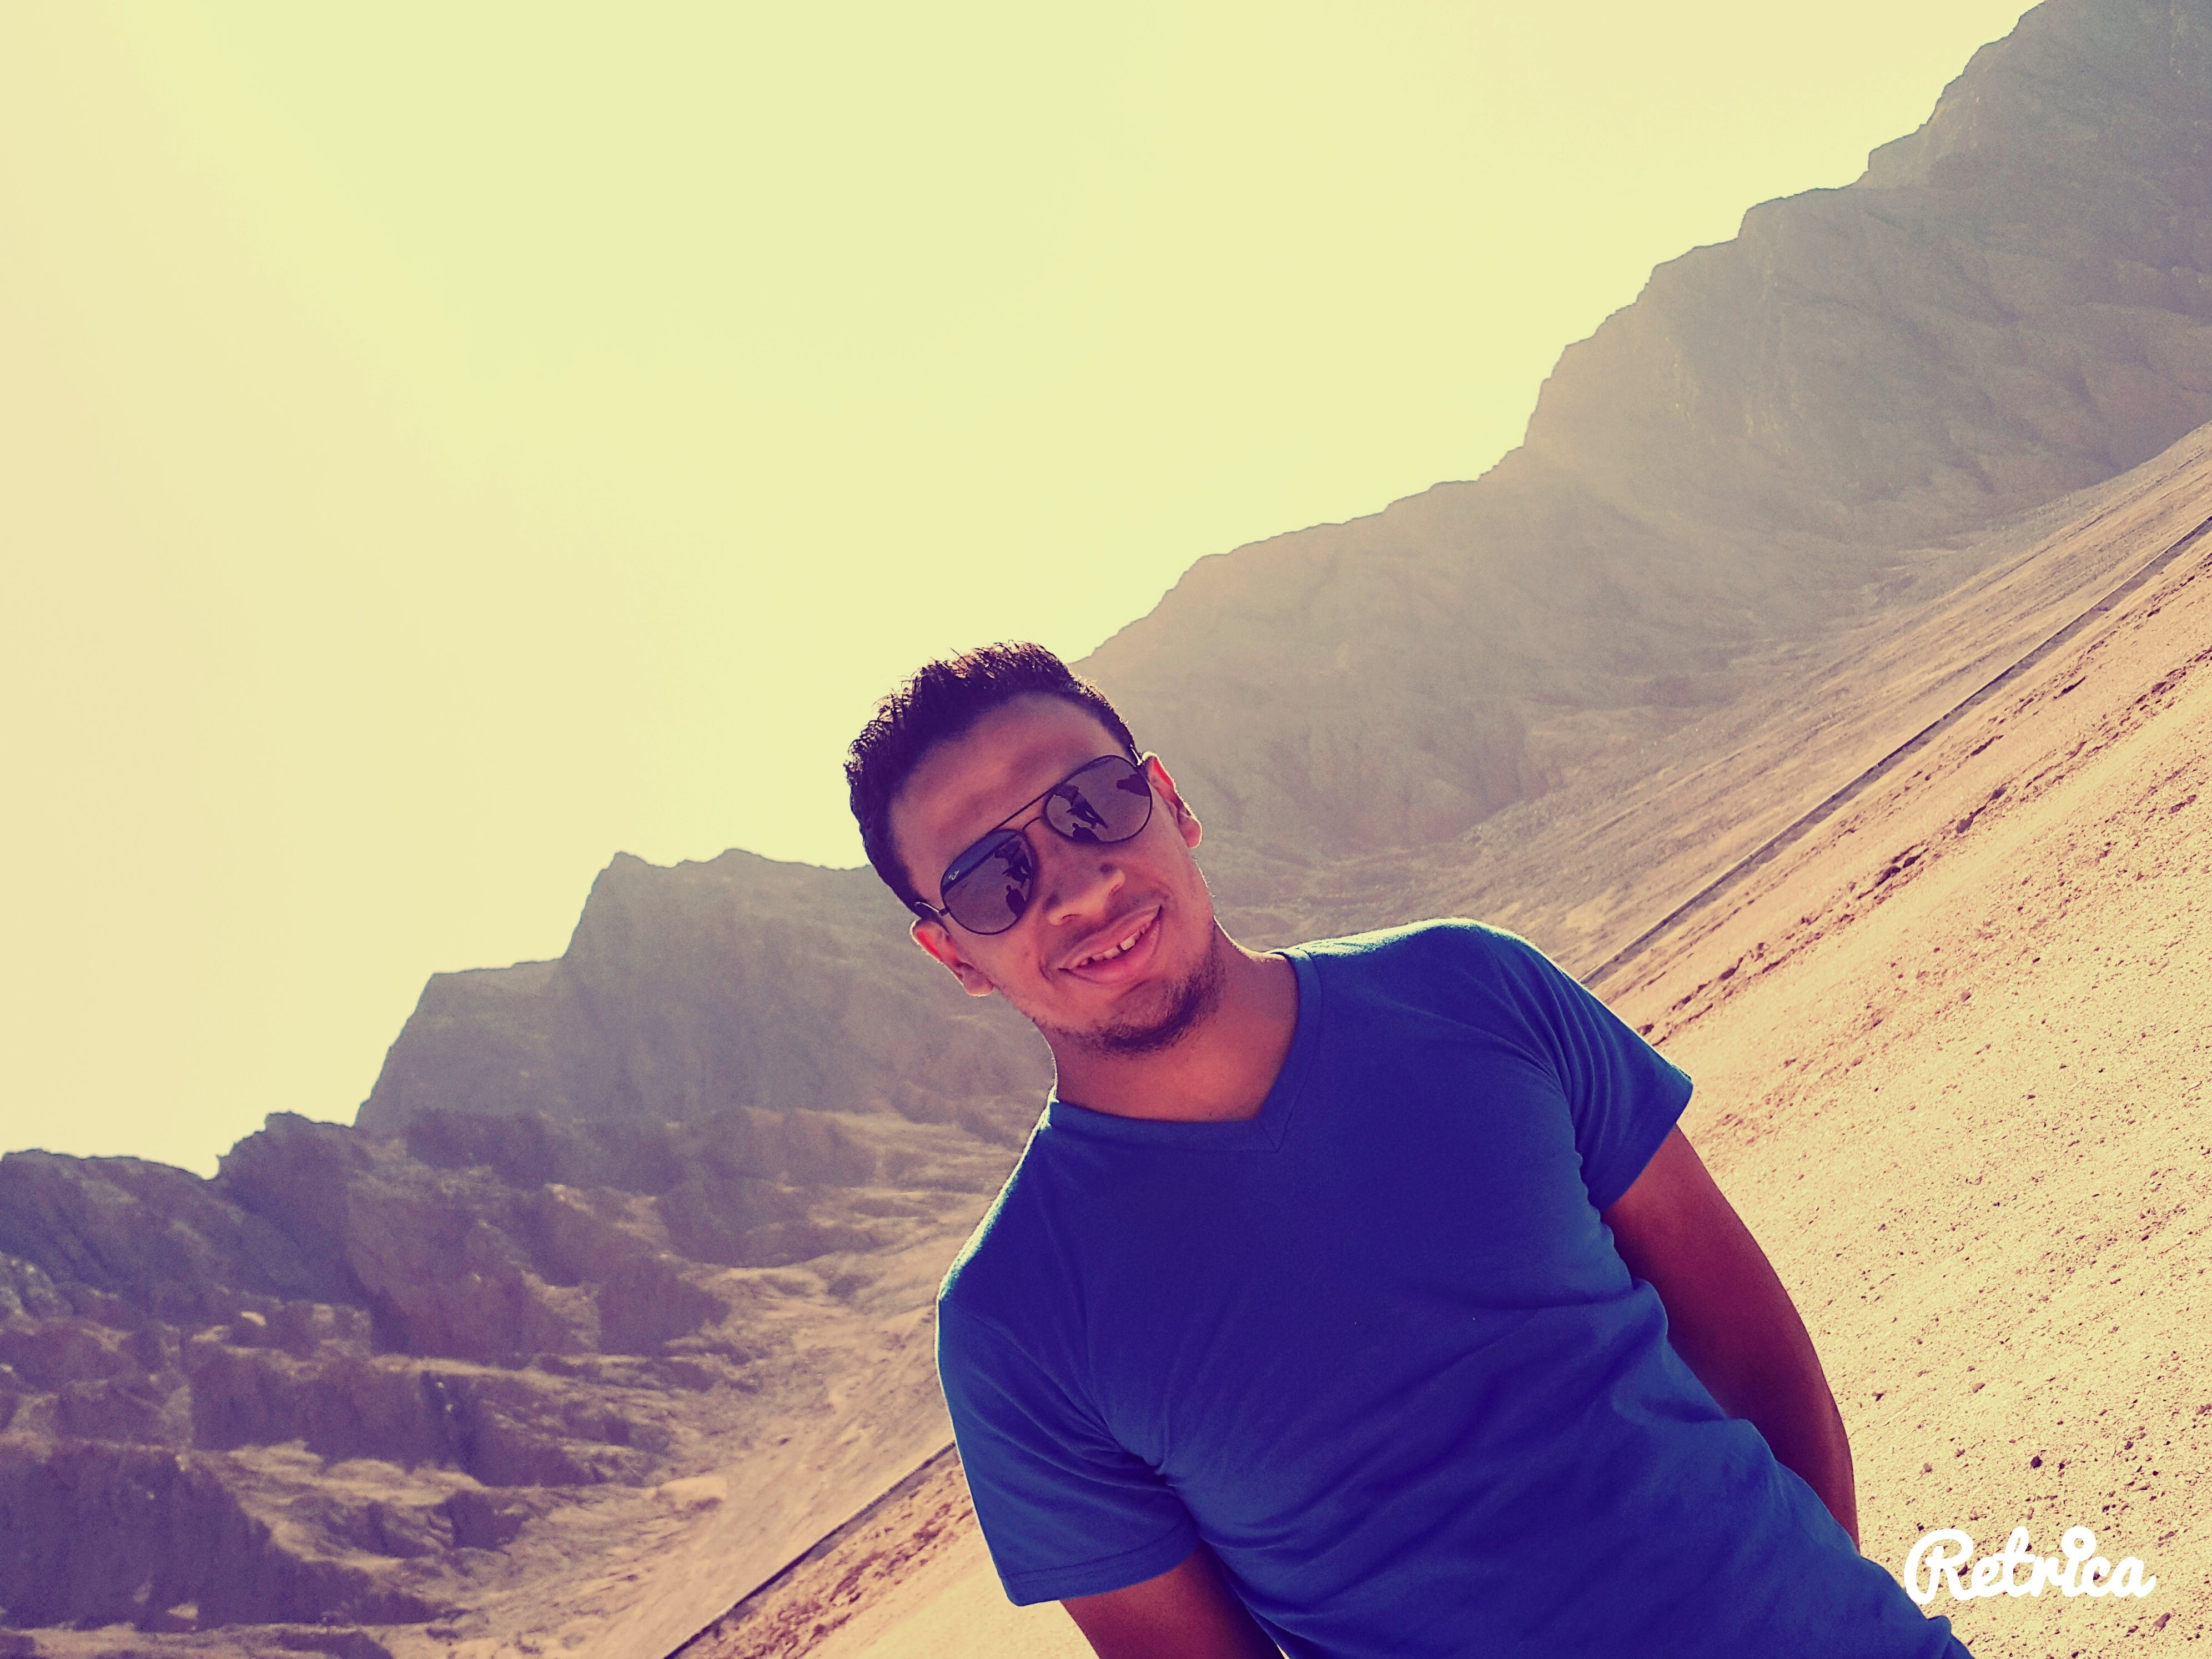 Free stock photo of boy, desert, man, mountains